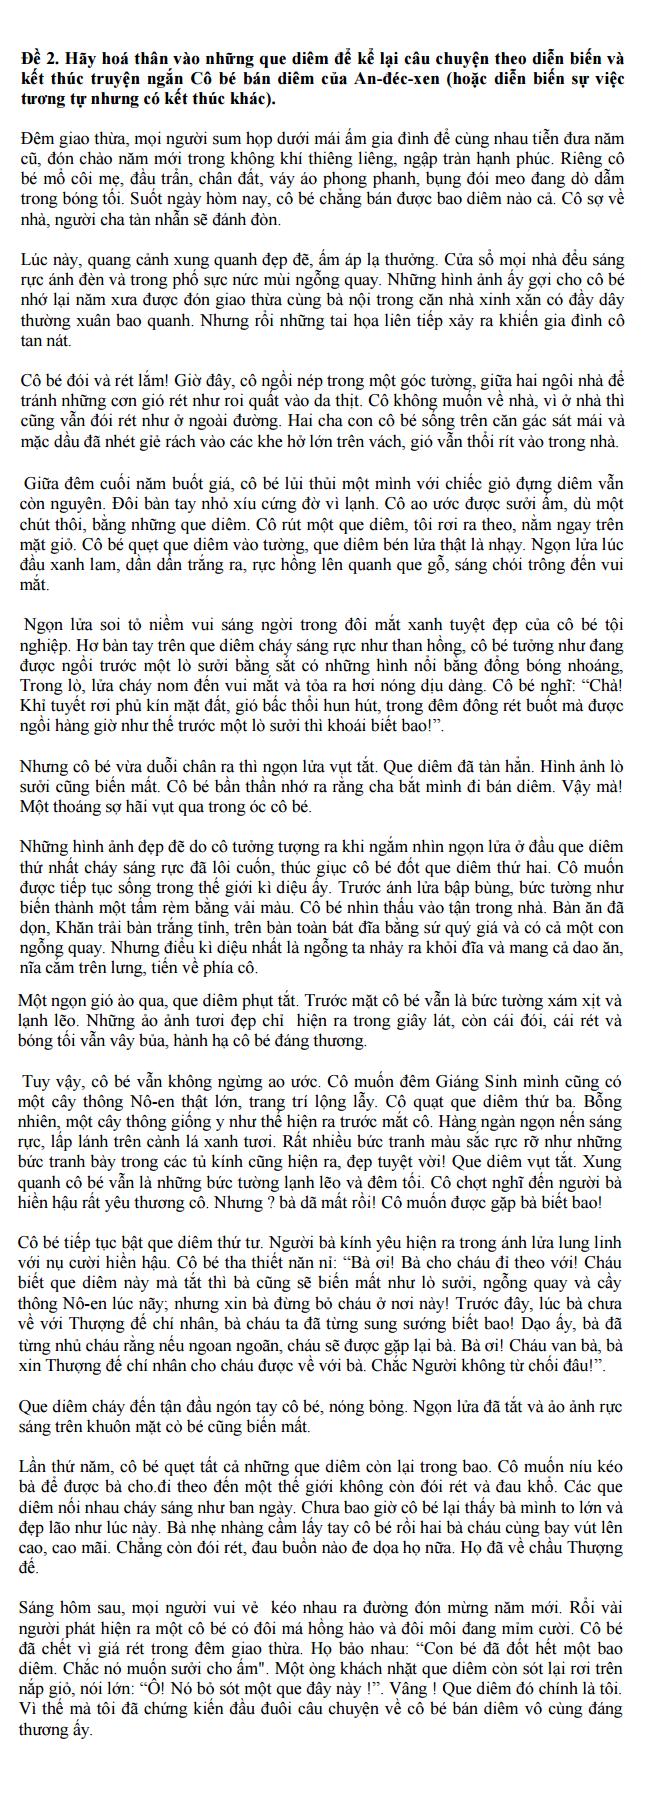 Viết bài làm văn số 3